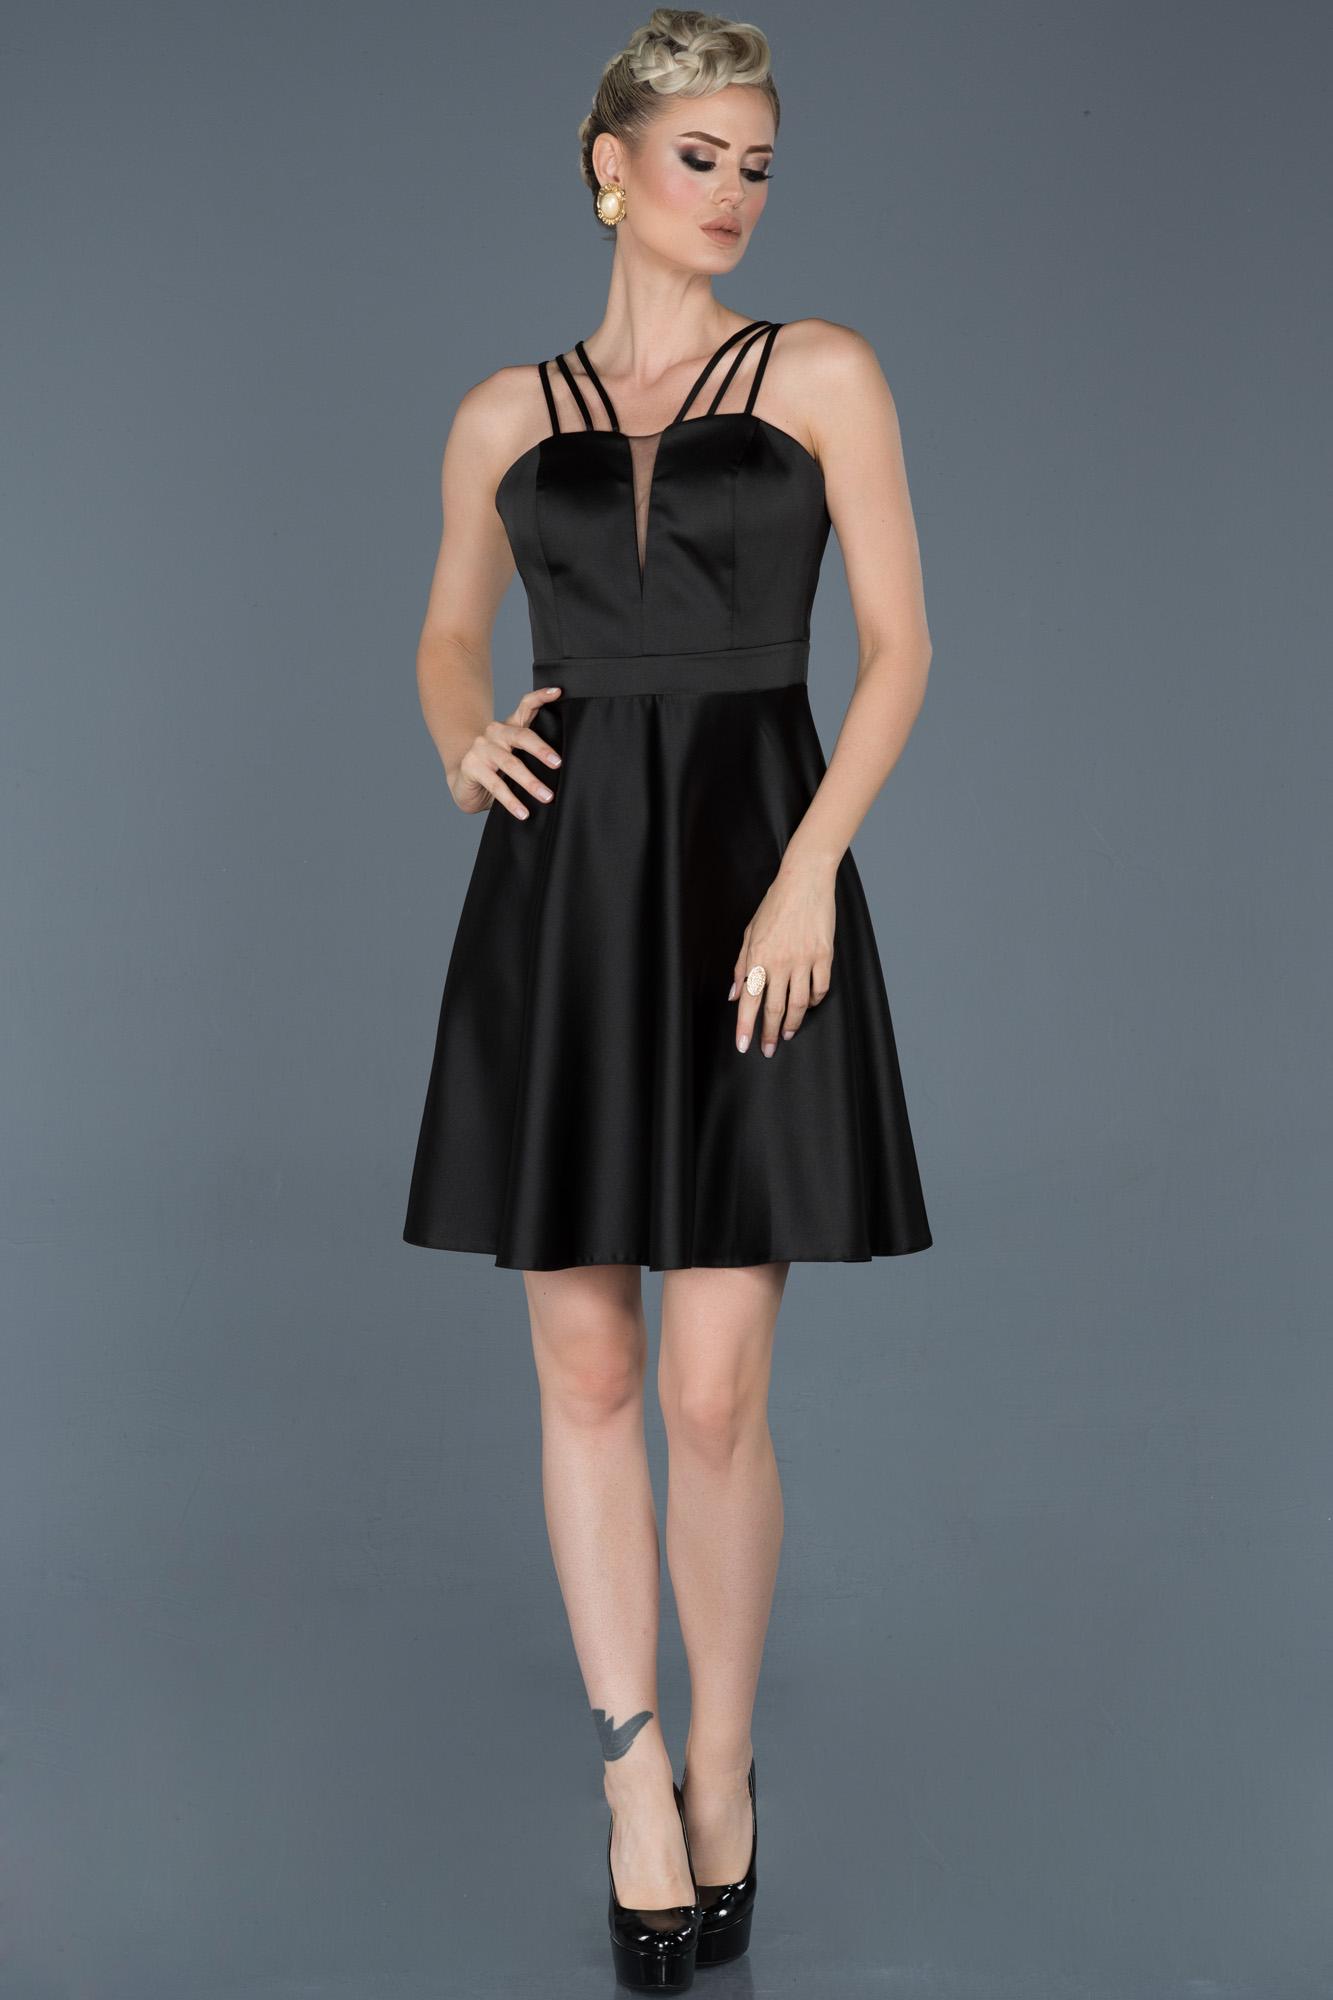 Siyah Kısa Saten Mezuniyet Elbisesi